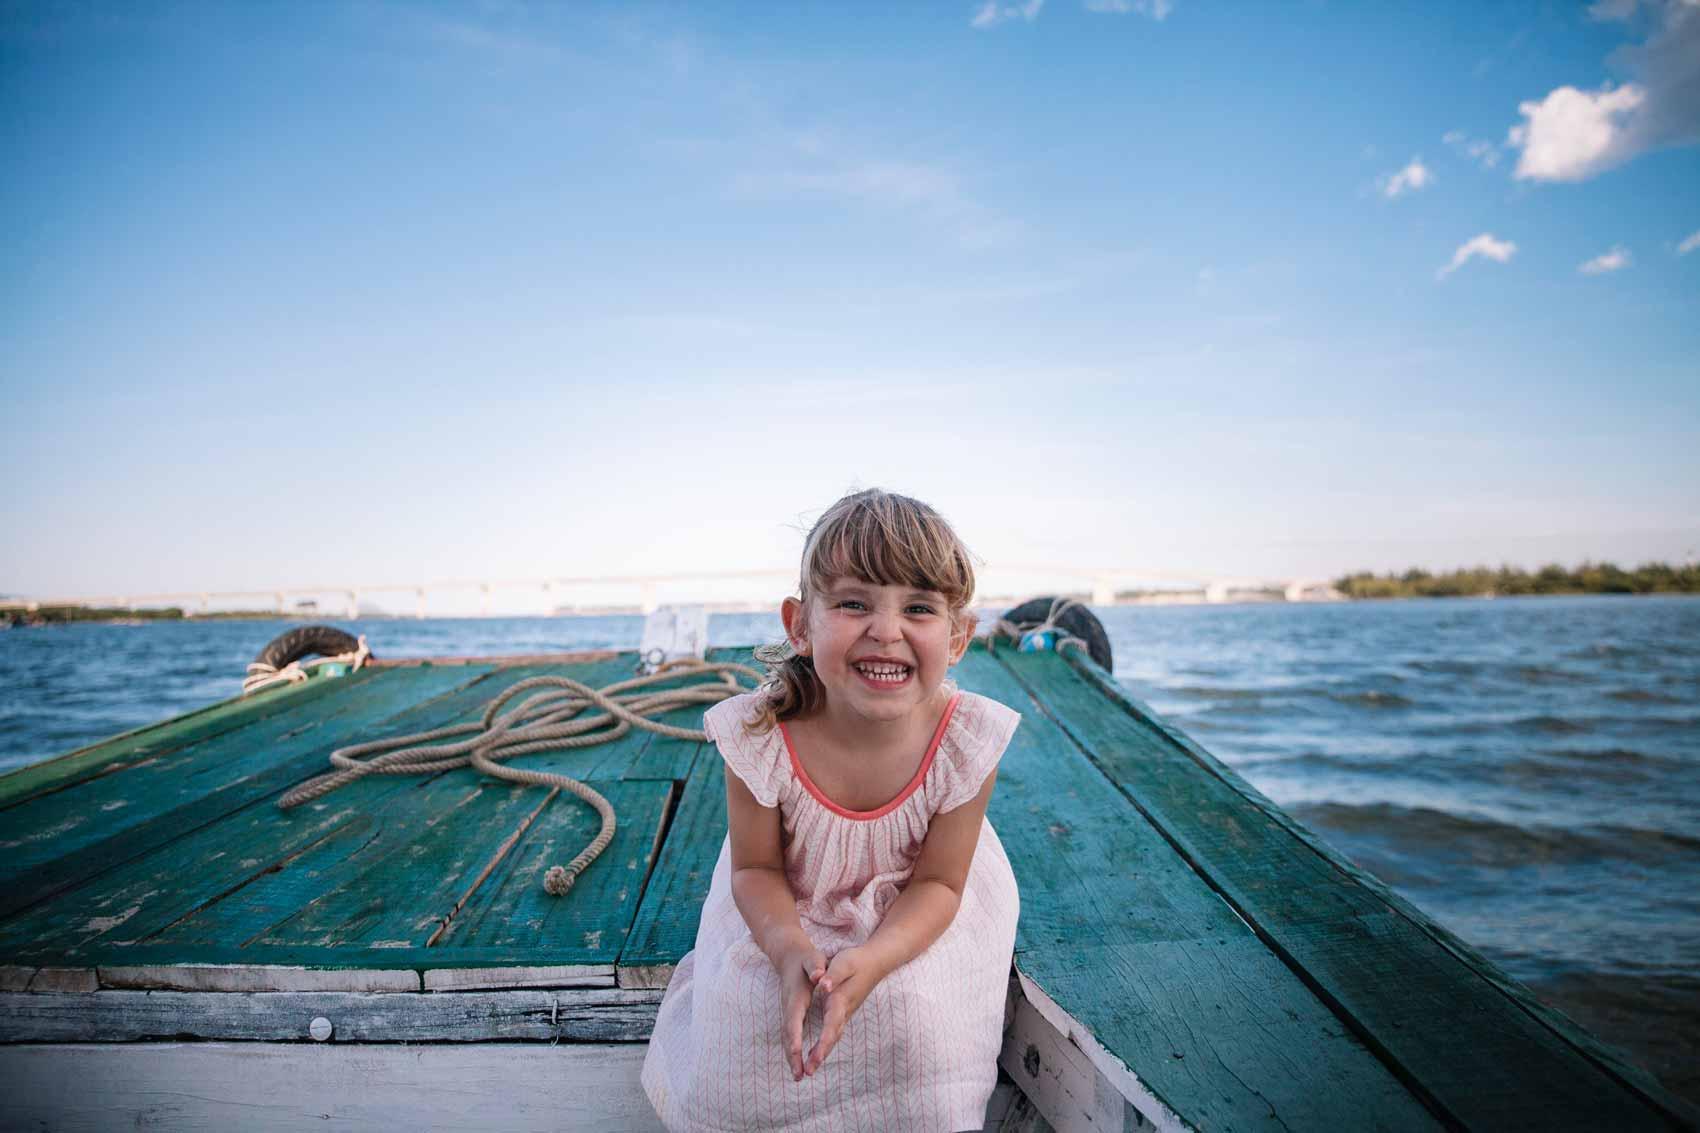 Anantara Hoi An Boat Ride